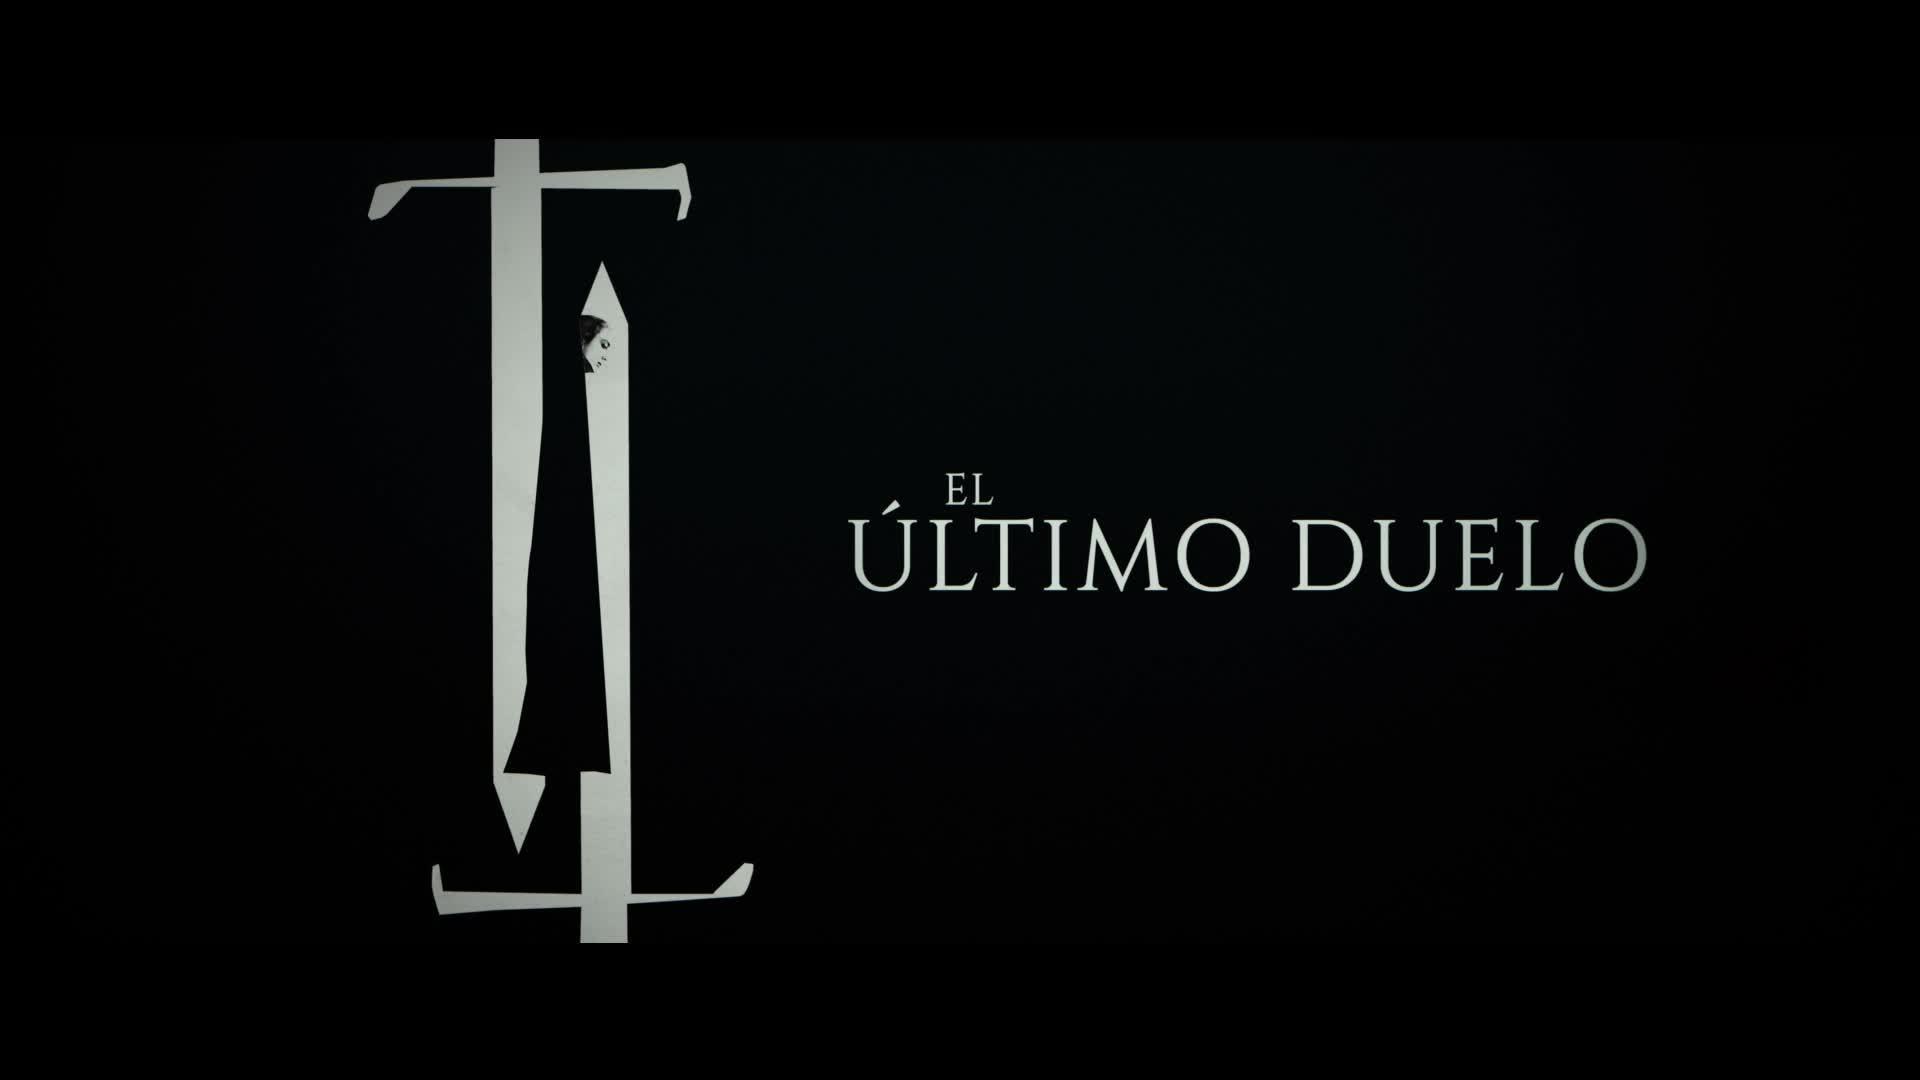 Reseña de la película: El último duelo